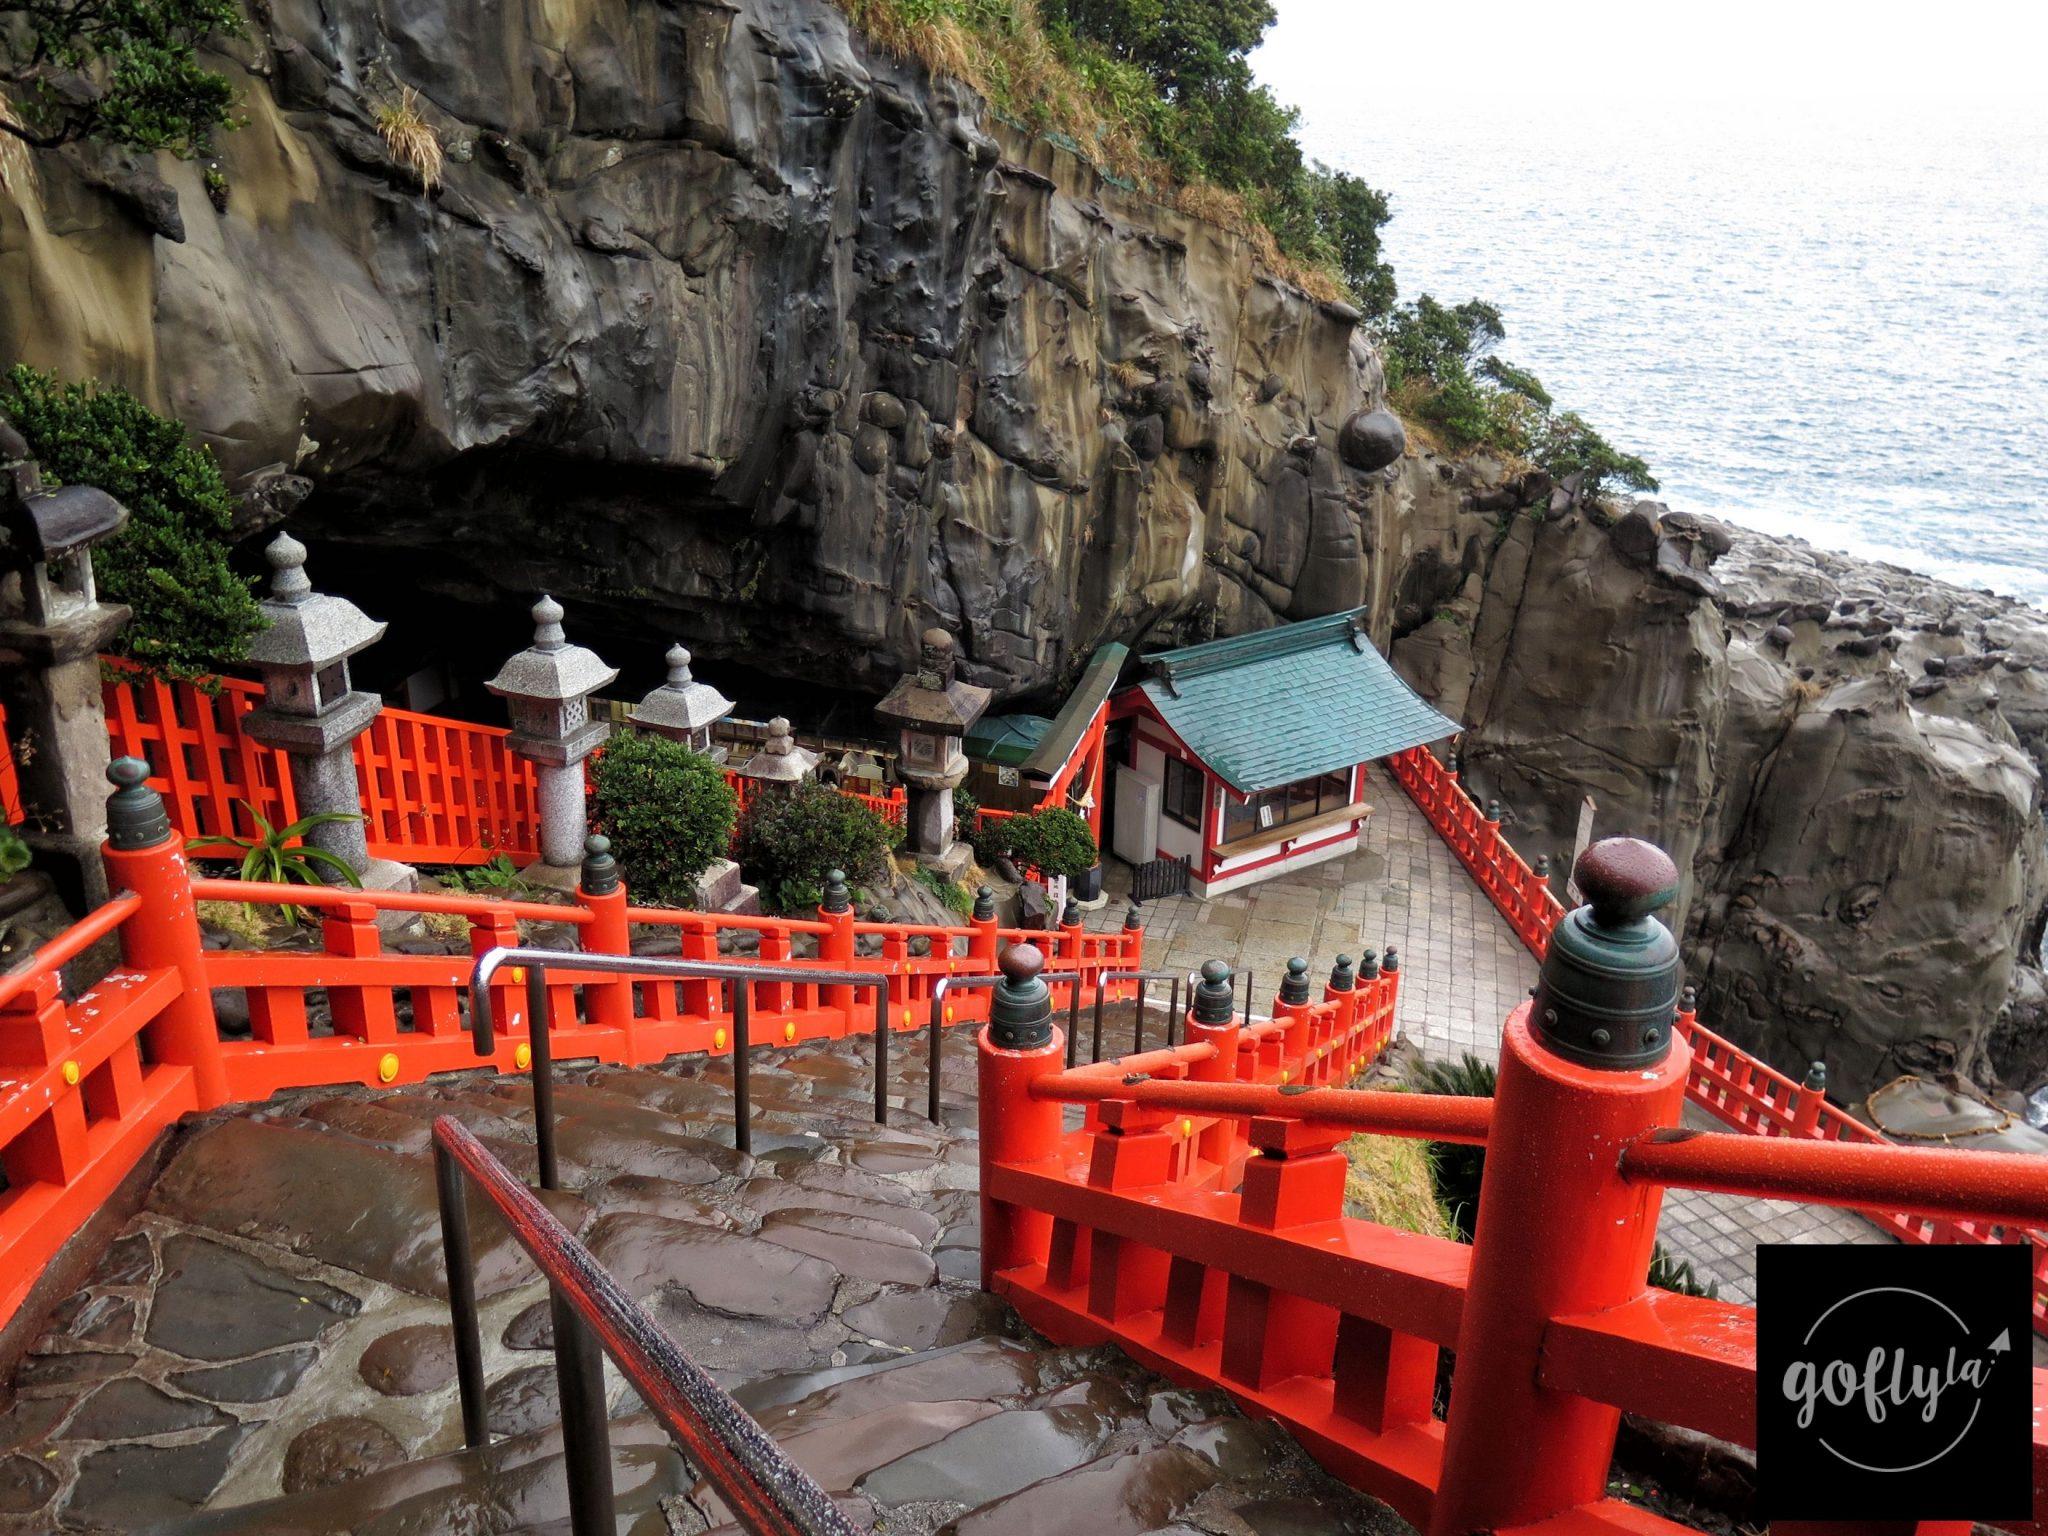 九州自由行-鹿兒島自由行-日本機加酒-福岡自由行-福岡景點-走過在太平洋海旁的參道終到達神話故事的海蝕洞